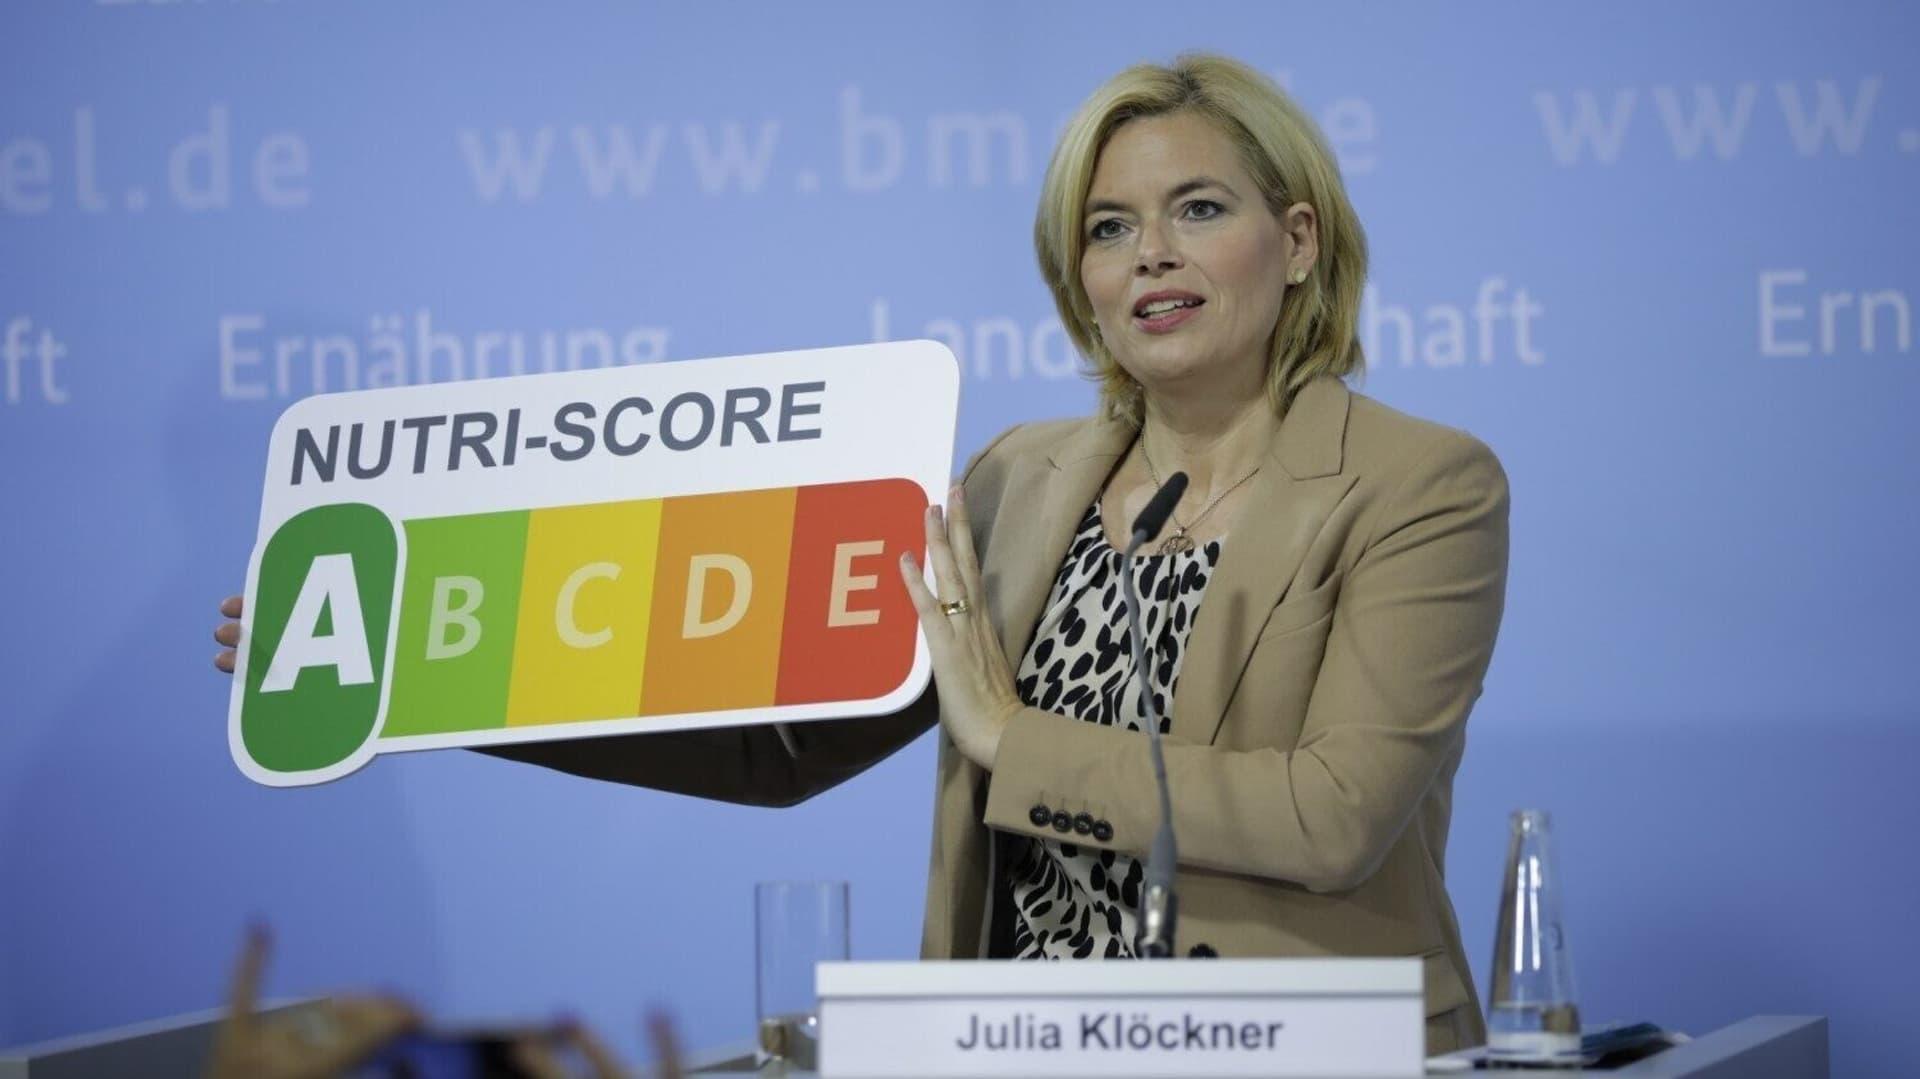 Julia Klöckner, Nutri-Score